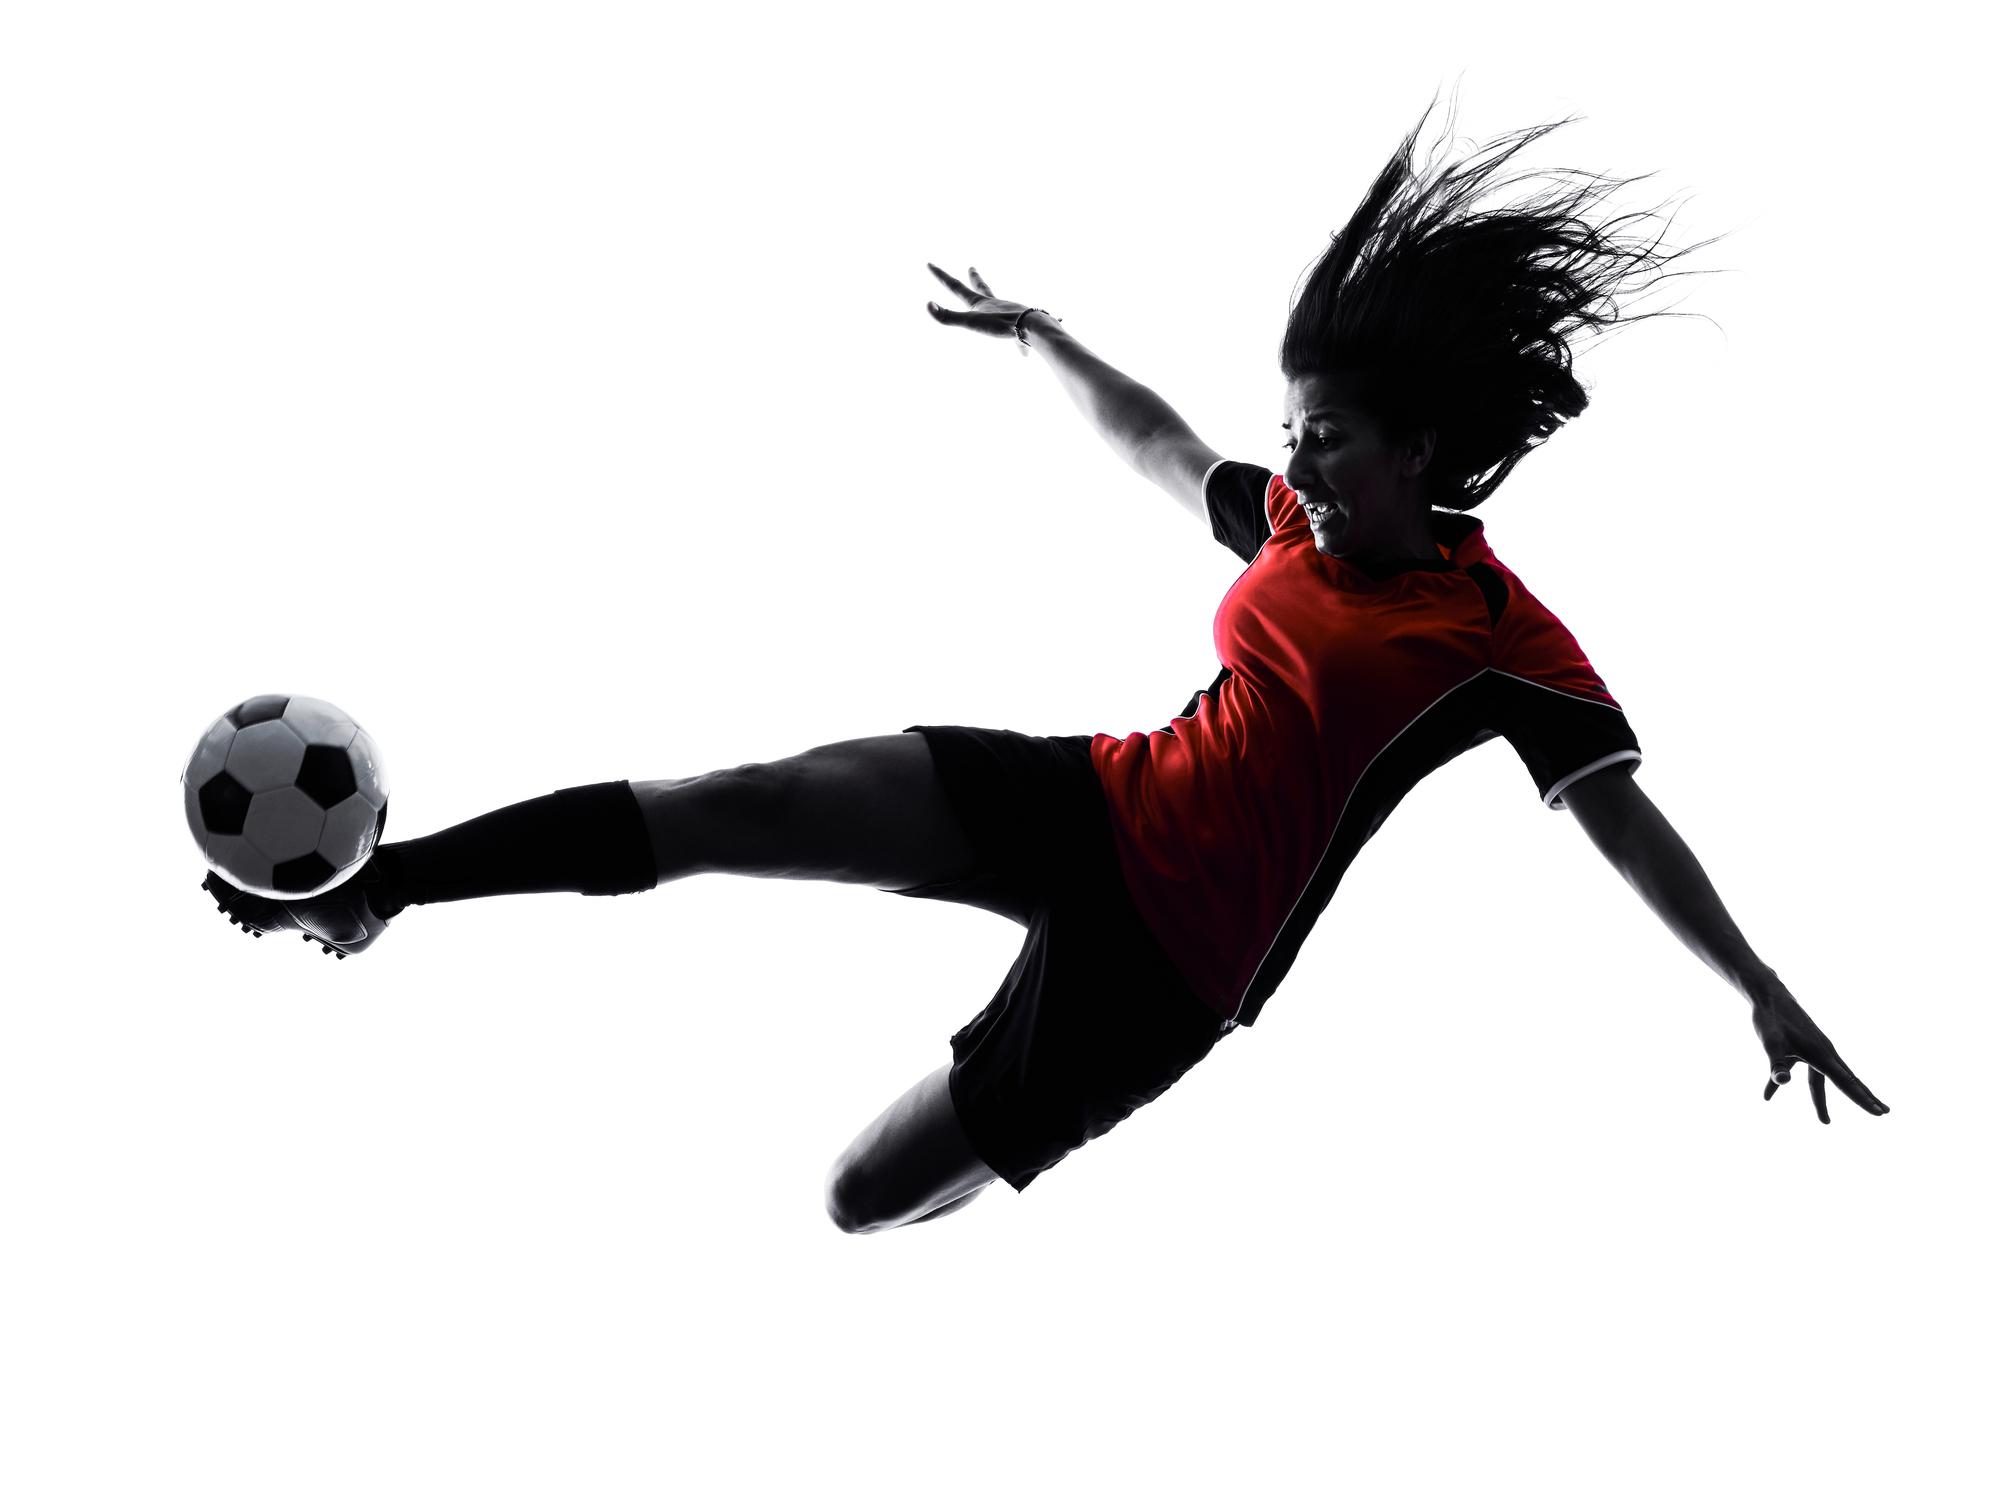 broward women s soccer league https www bwsl org